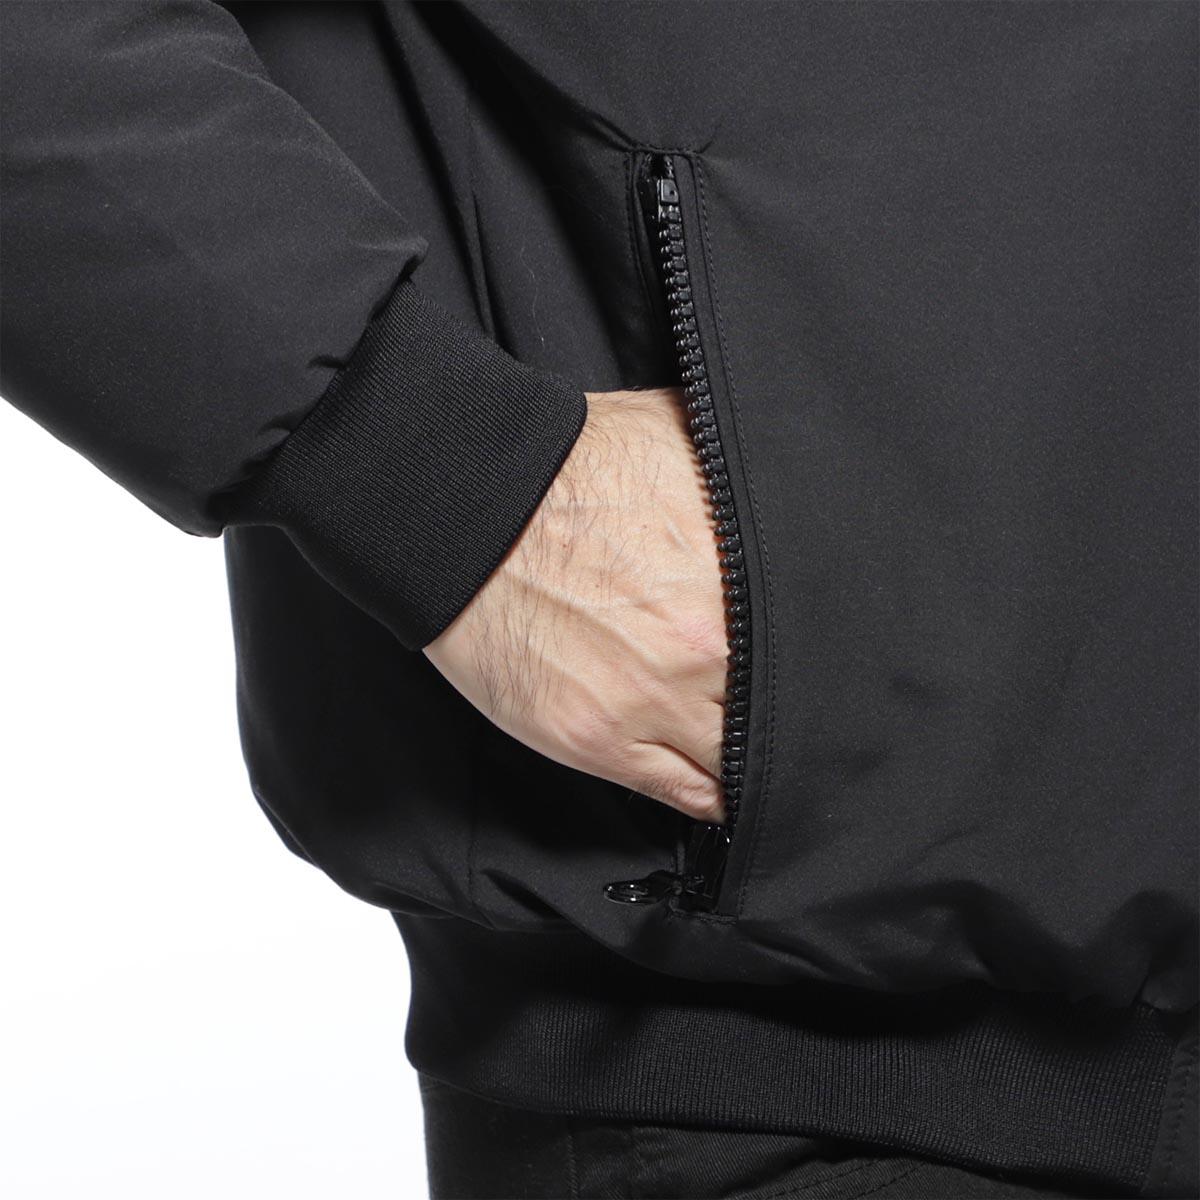 (デュベティカ) DUVETICA フーデッド ダウンジャケット 52サイズ BRACHIUM ブラキウム [並行輸入品]